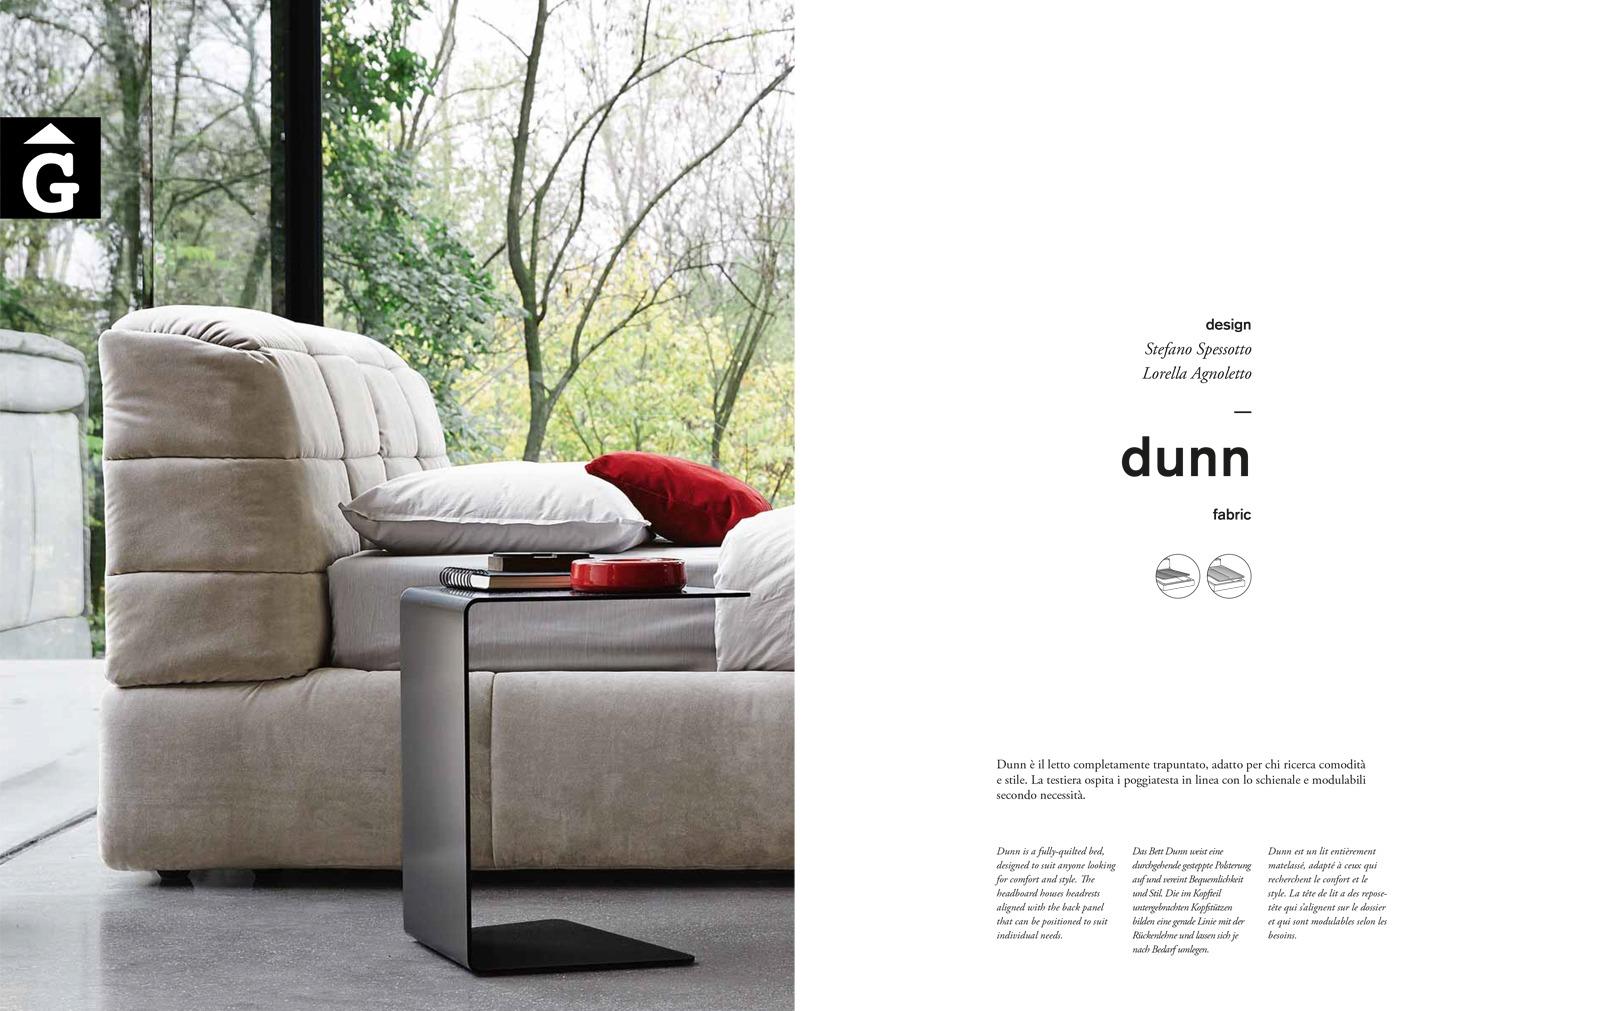 Dunn llit gran entapissat Titol - Ditre Italia llits entapissats disseny i qualitat alta by mobles Gifreu